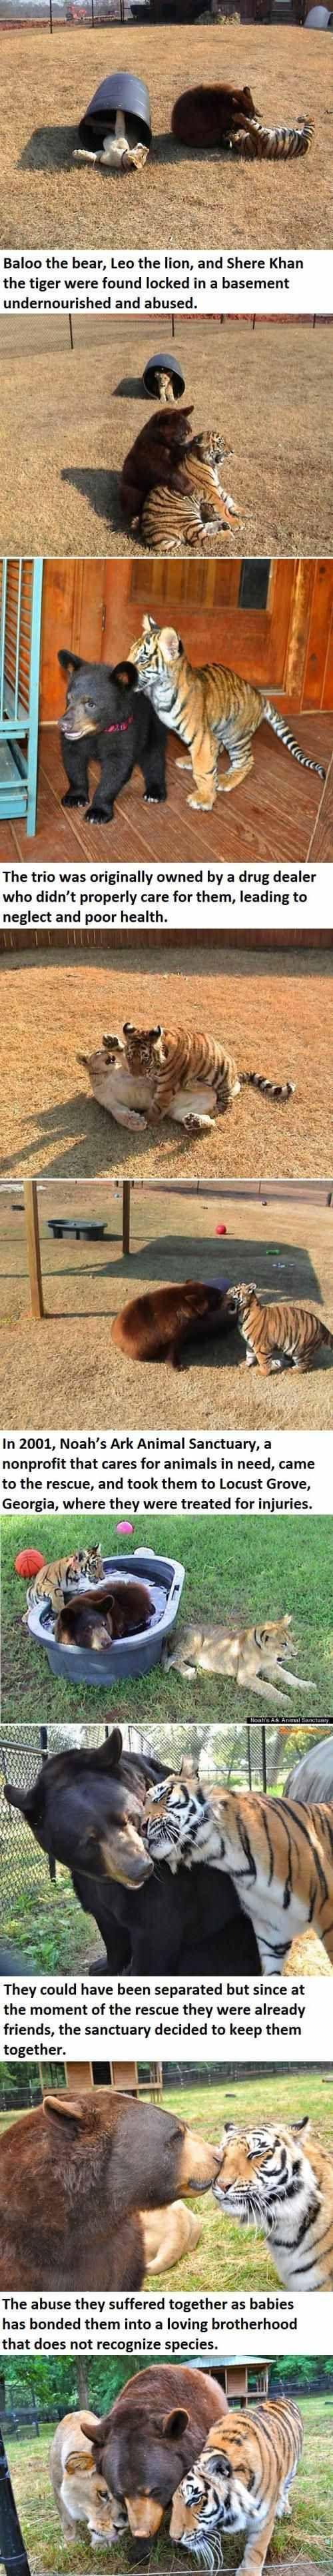 Baloo The Bear, Leo The Lion, & Shere Khan The Tiger